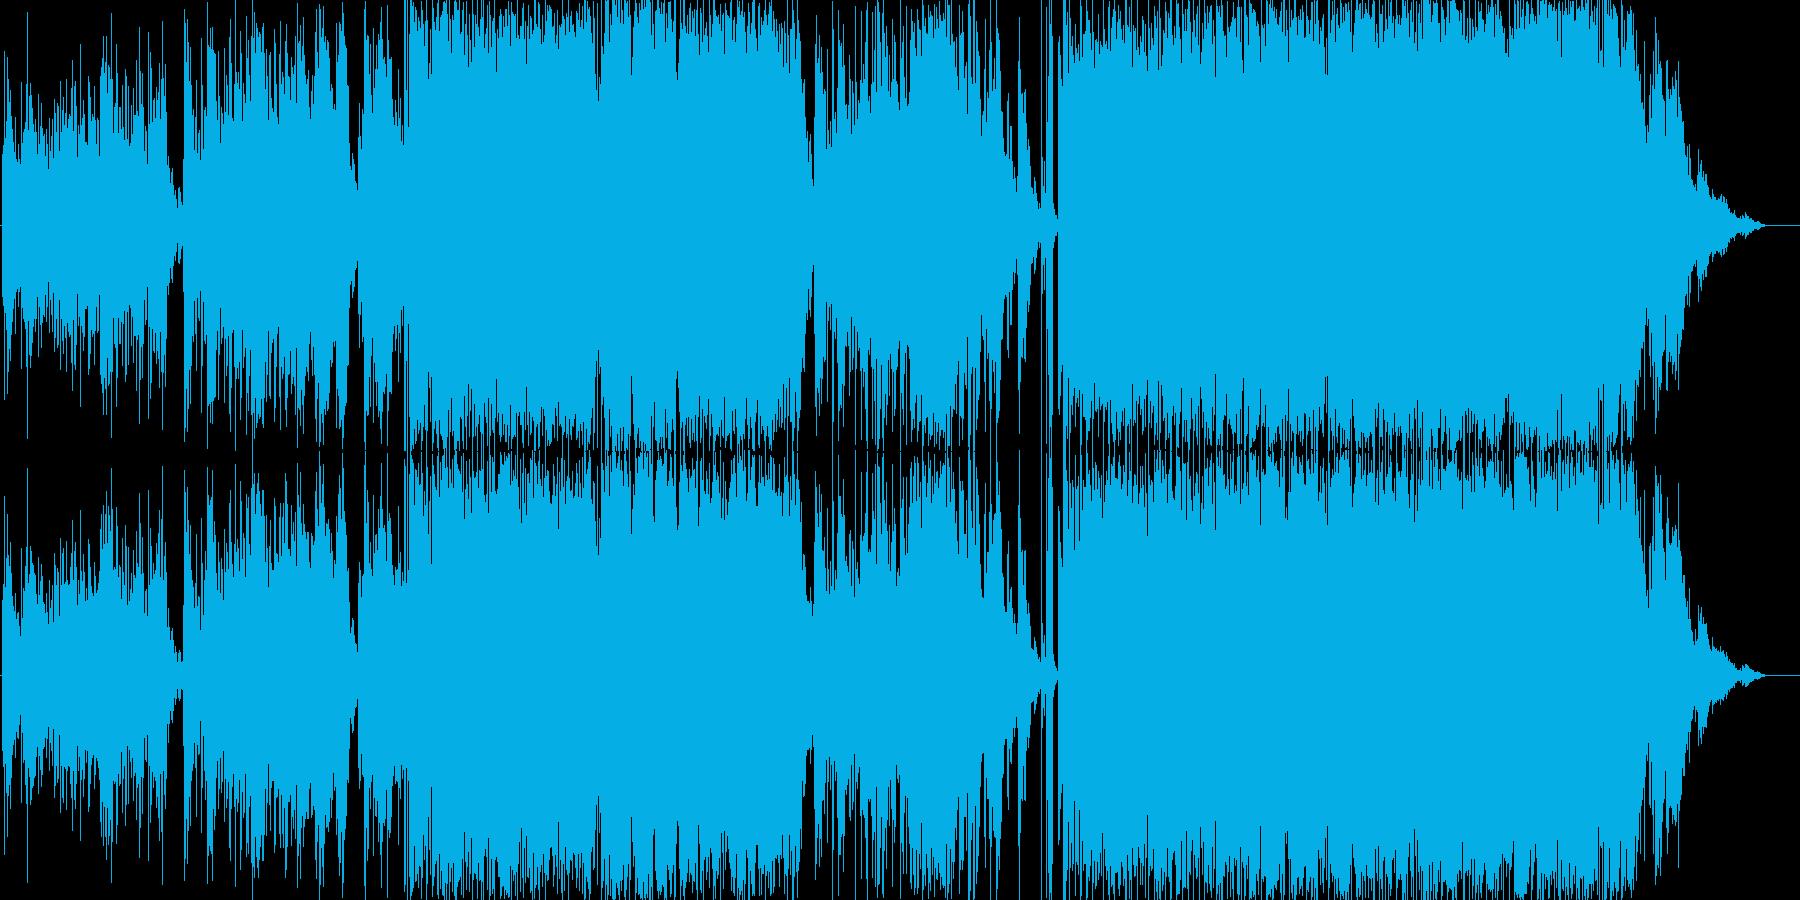 清楚でダイナミックなバラードの再生済みの波形